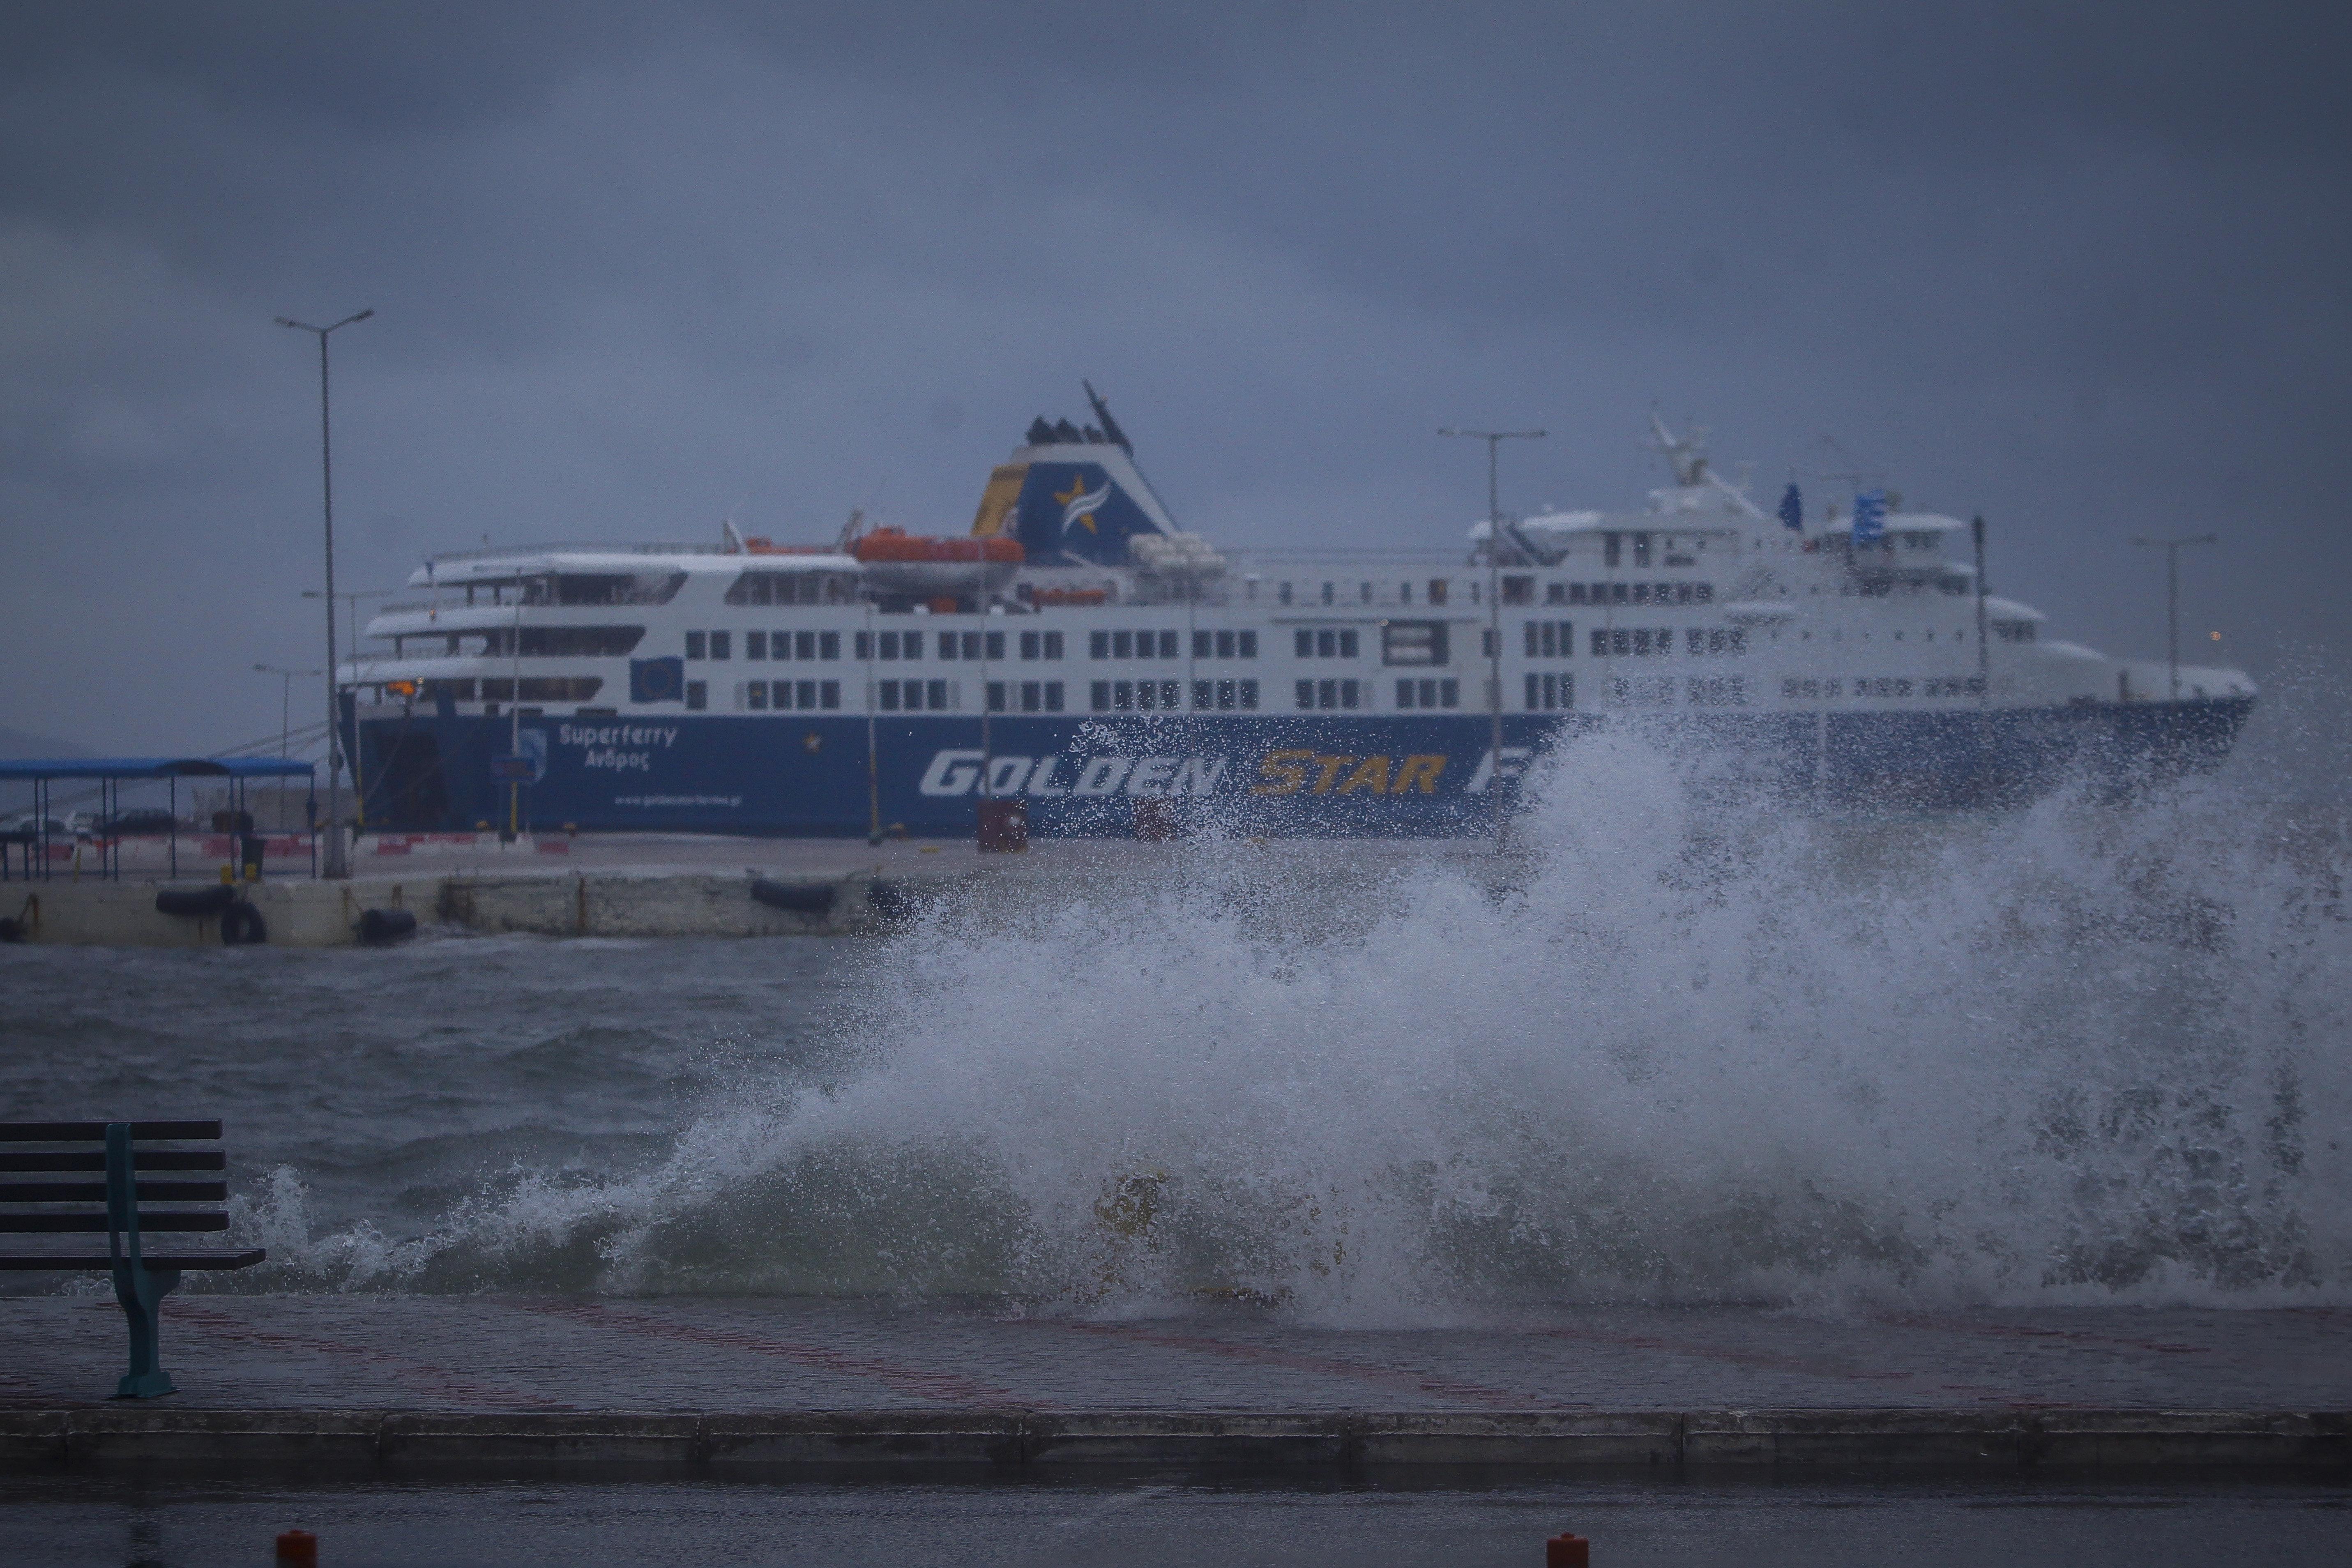 Αποκαθίστανται σταδιακά τα δρομολόγια των πλοίων - Ποιες γραμμές παραμένουν